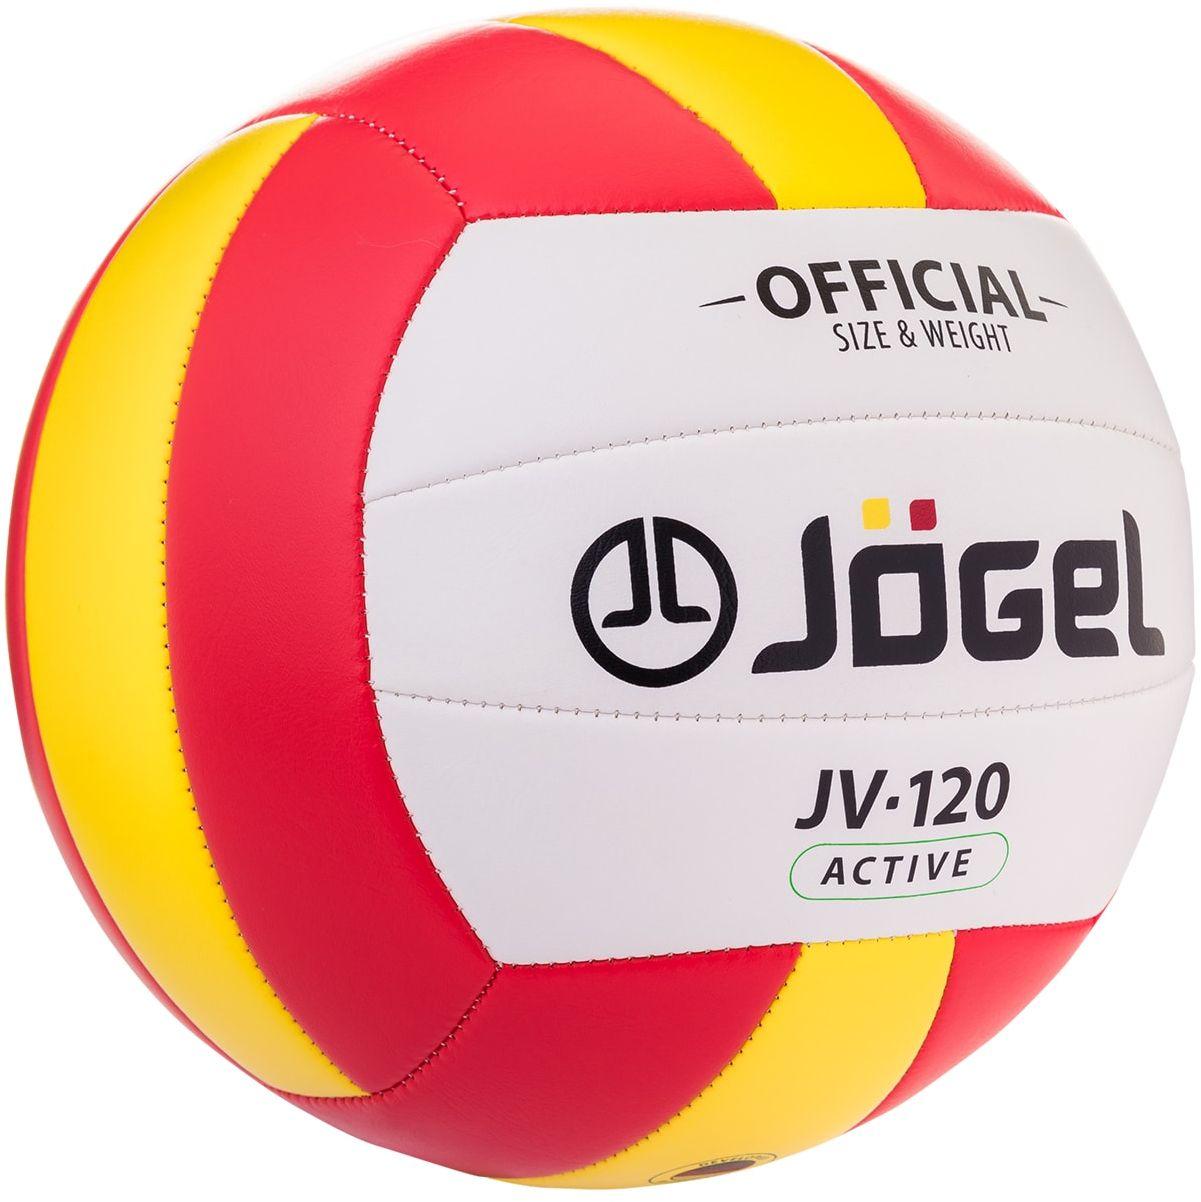 Мяч волейбольный Jоgel JV-120, цвет: оранжевый, красный. Размер 4 мячи спортивные jogel мяч волейбольный jogel jv 550